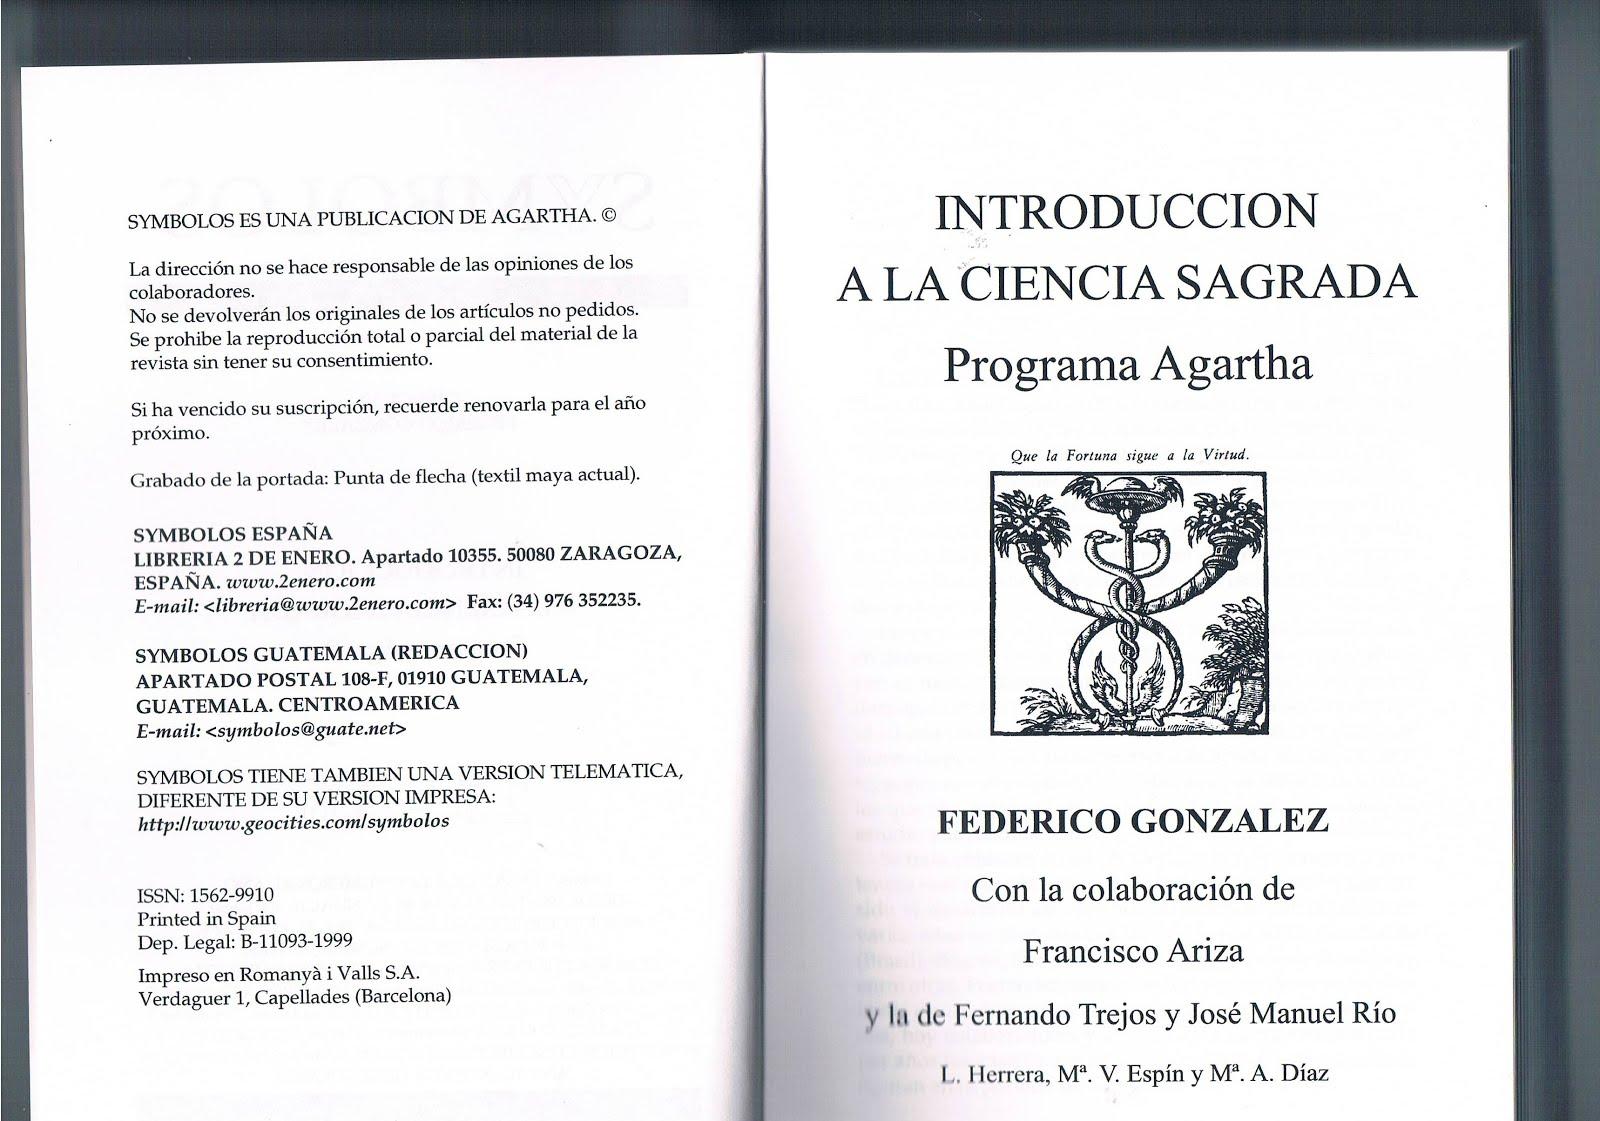 Programa Agartha, Federico González Frías y Colaboradores